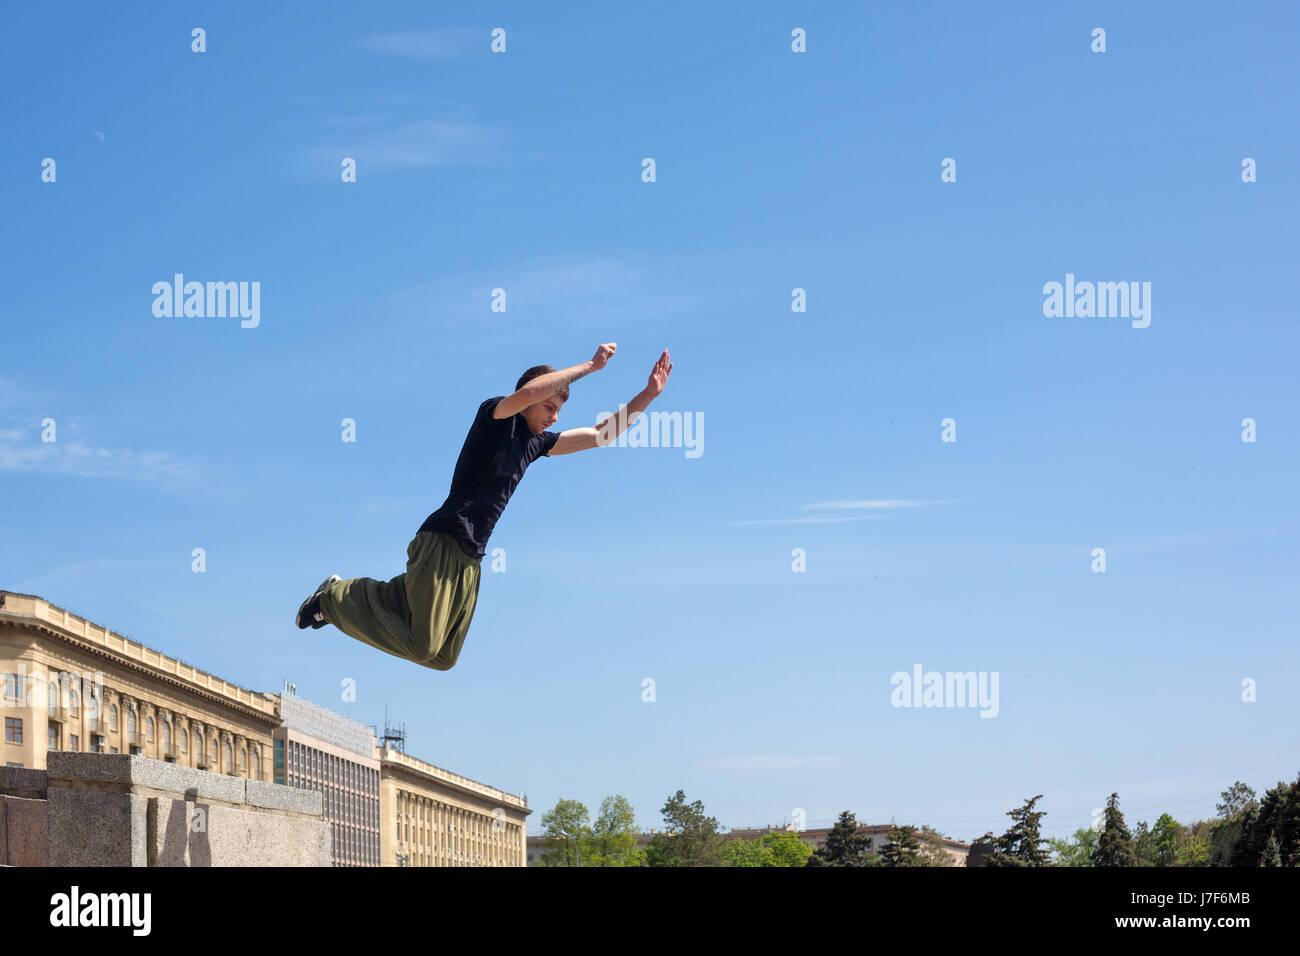 Ein junger Mann springt von der Wand. Parkour im urbanen Raum. Sport in der Stadt. Sportliche Aktivität. Stockbild